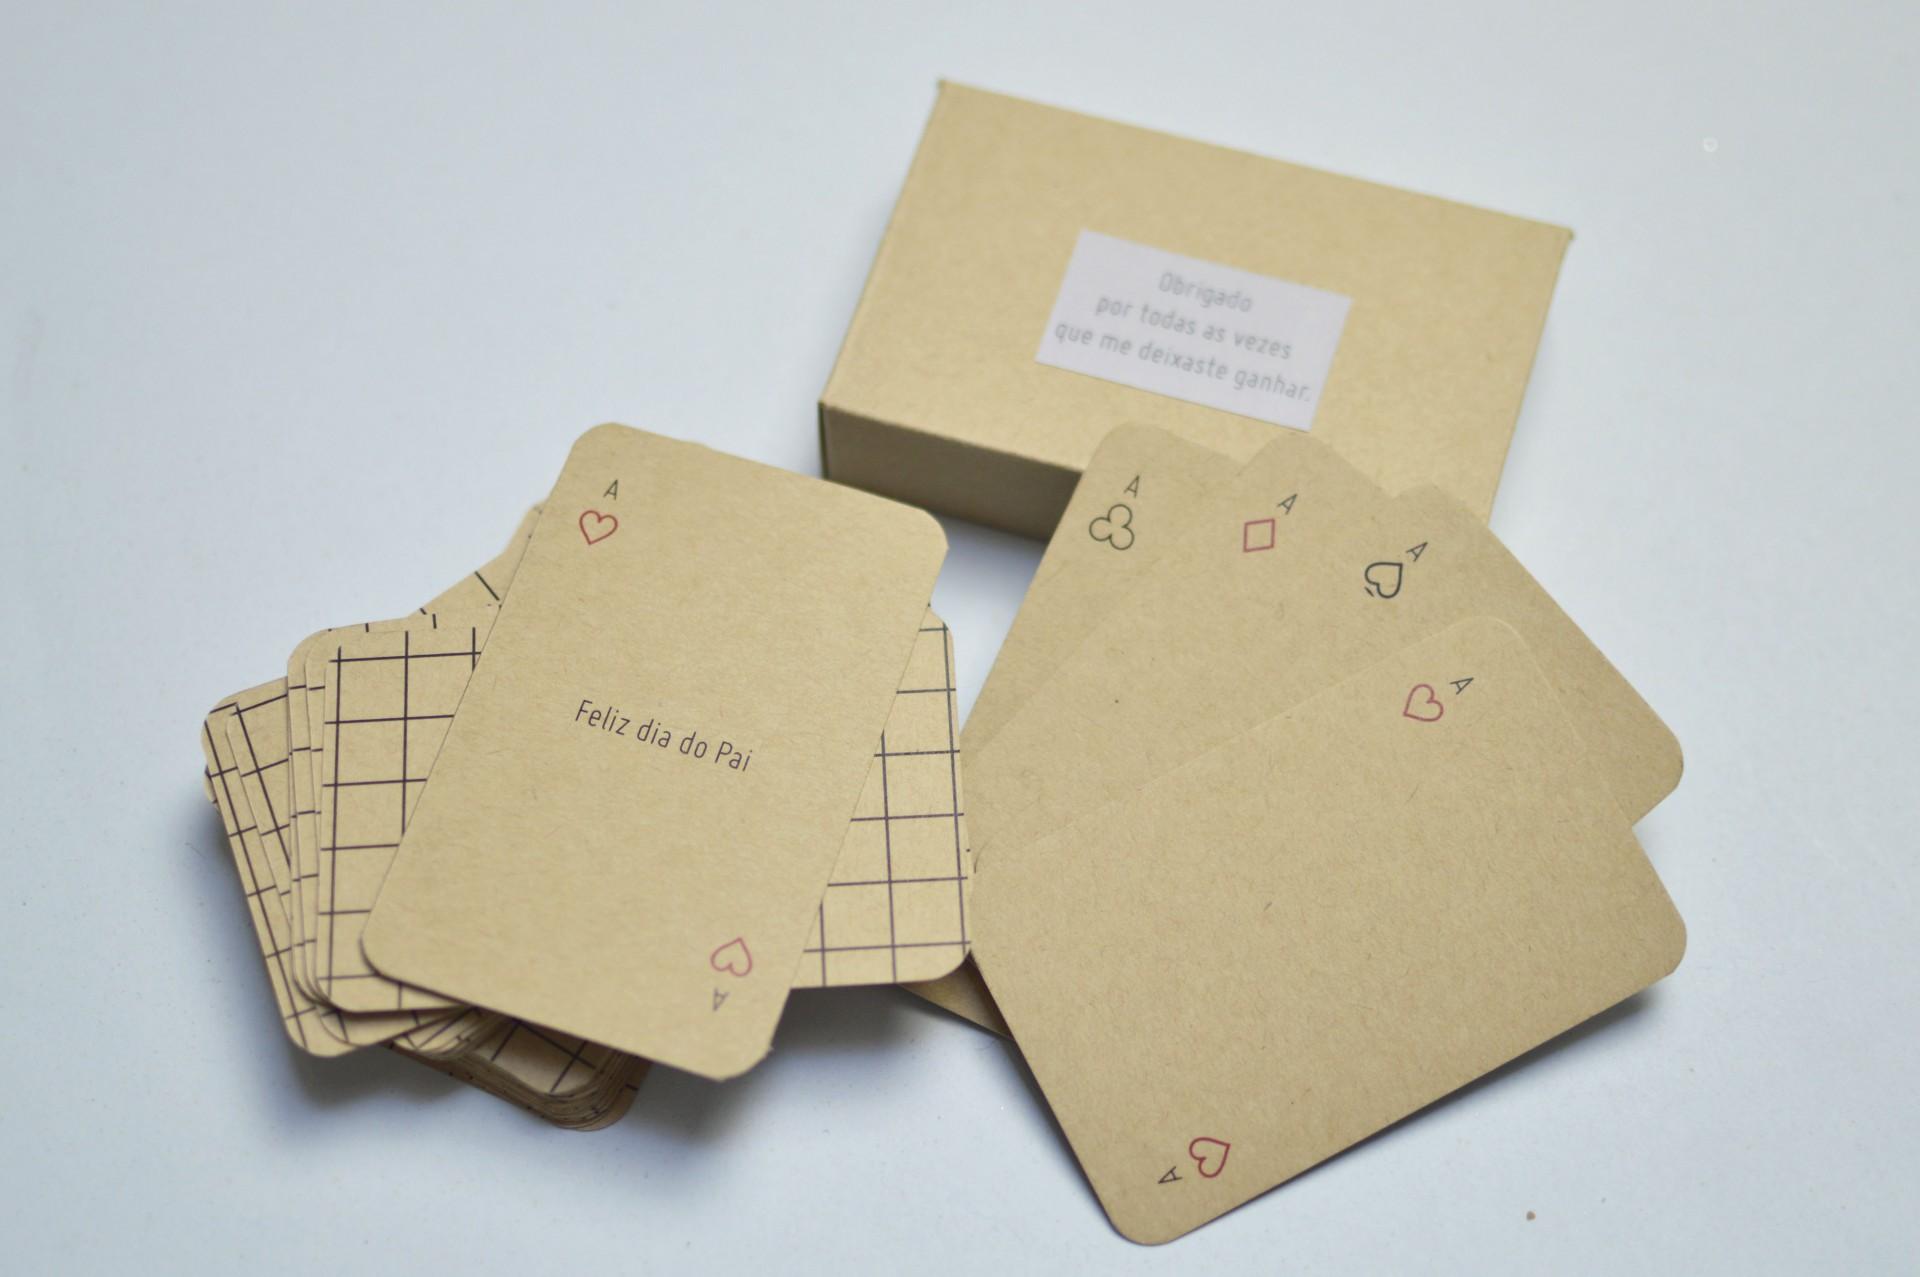 Dia do Pai - Baralho de cartas